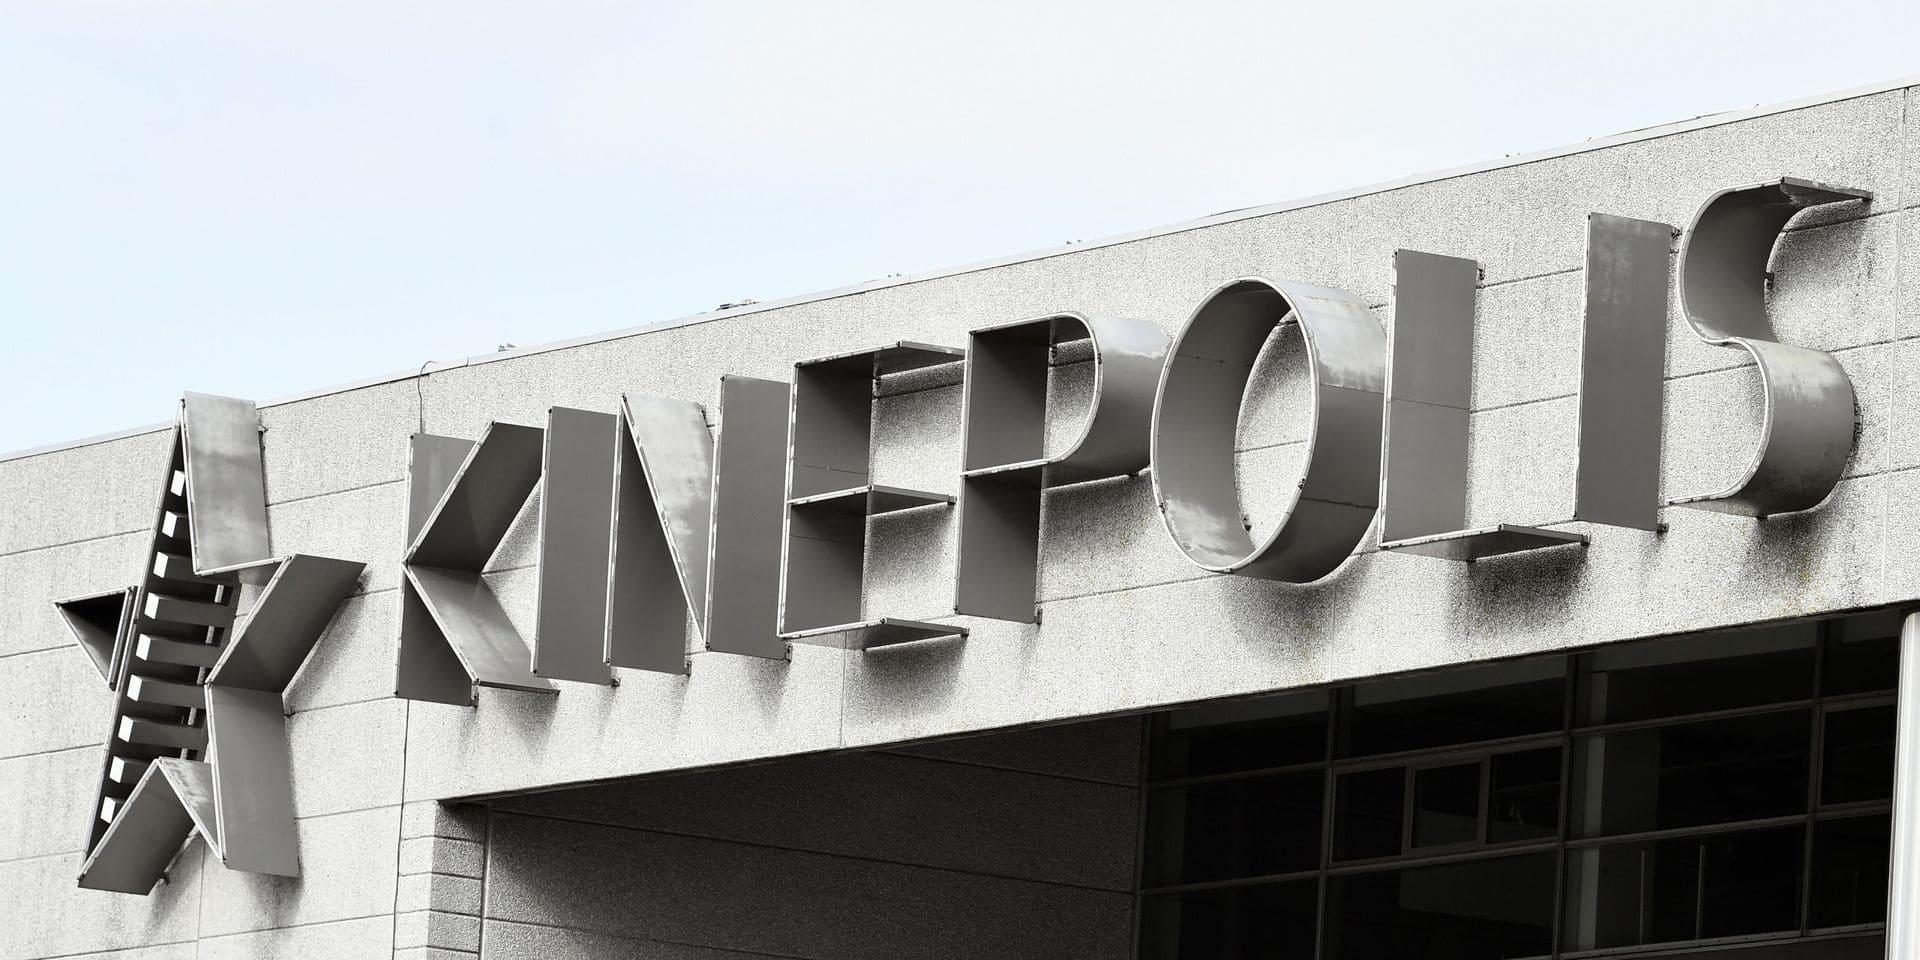 Kinepolis ferme toutes ses salles en Belgique dès vendredi et jusqu'à nouvel ordre